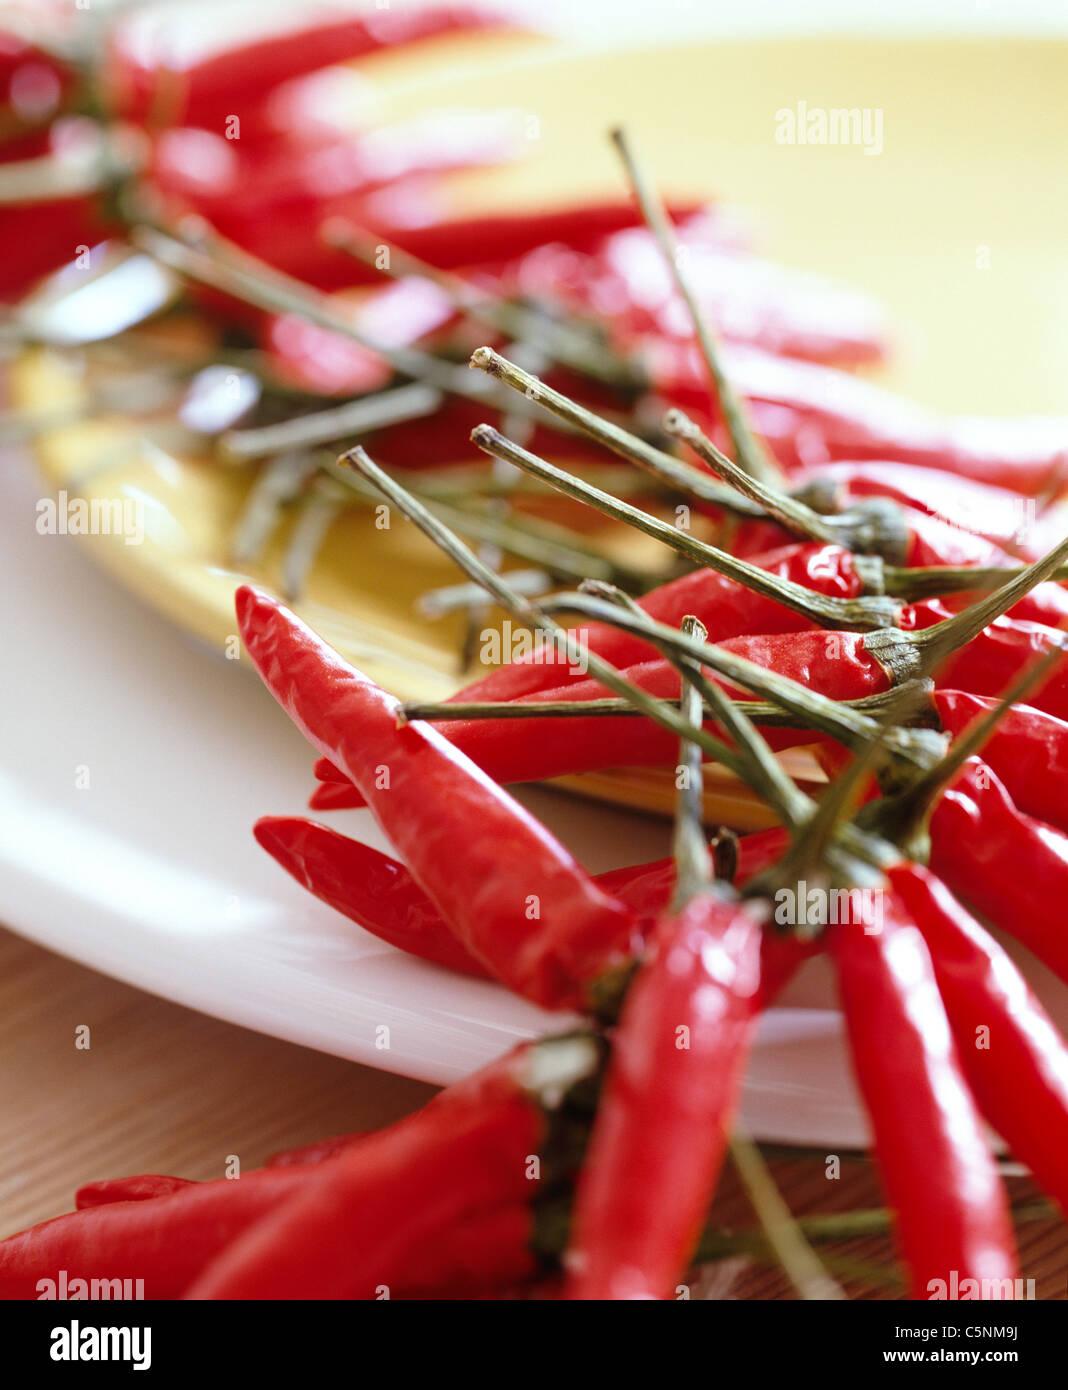 Eine Kette mit roten Chili-Schoten Stockbild